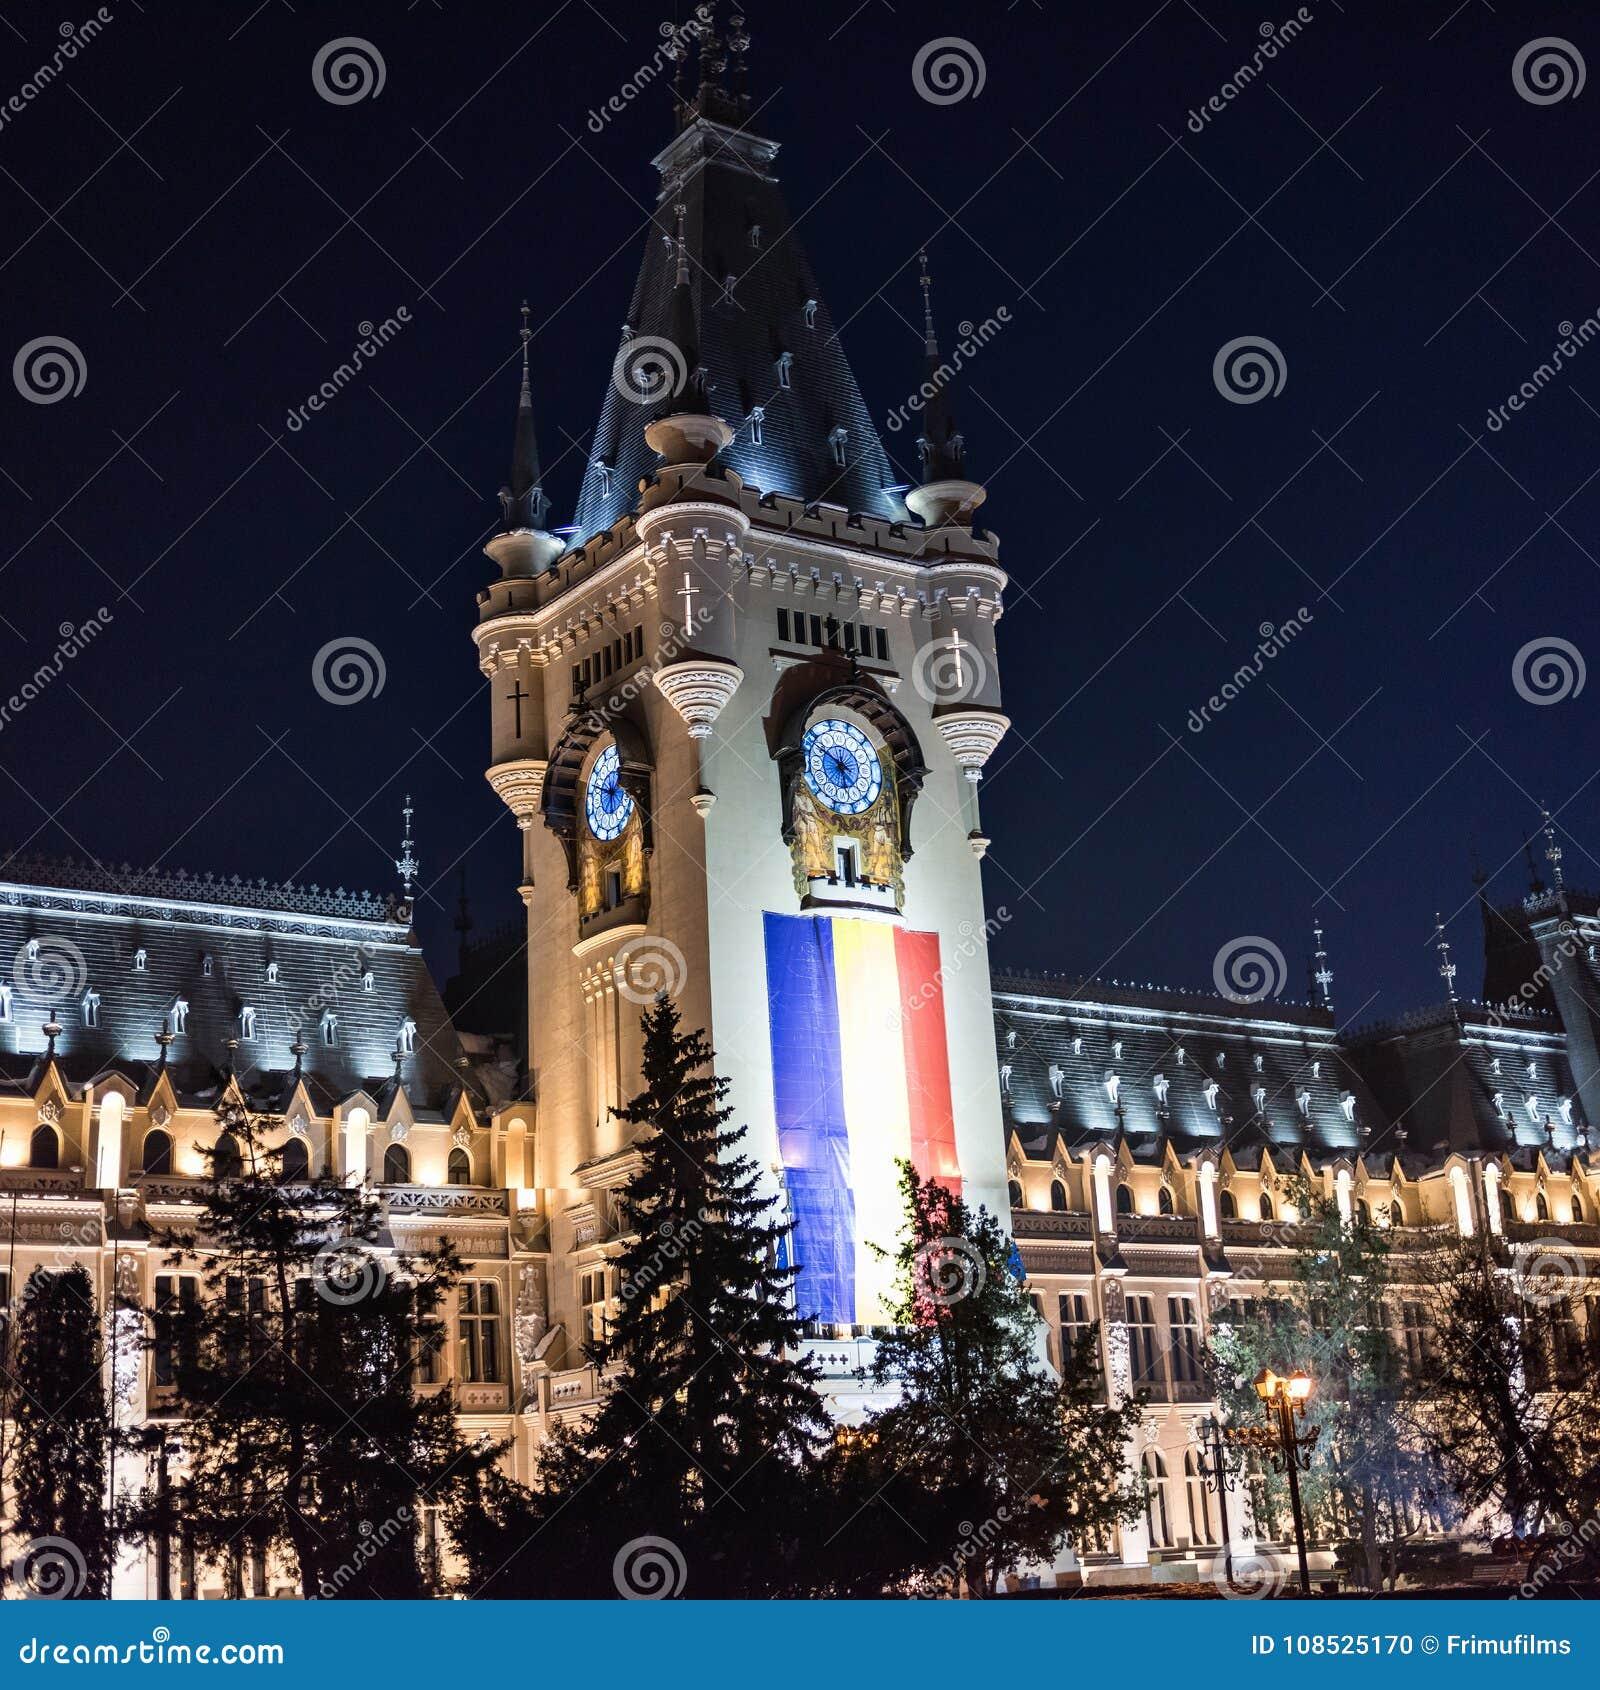 Palácio da cultura em Iasi Romênia no inverno